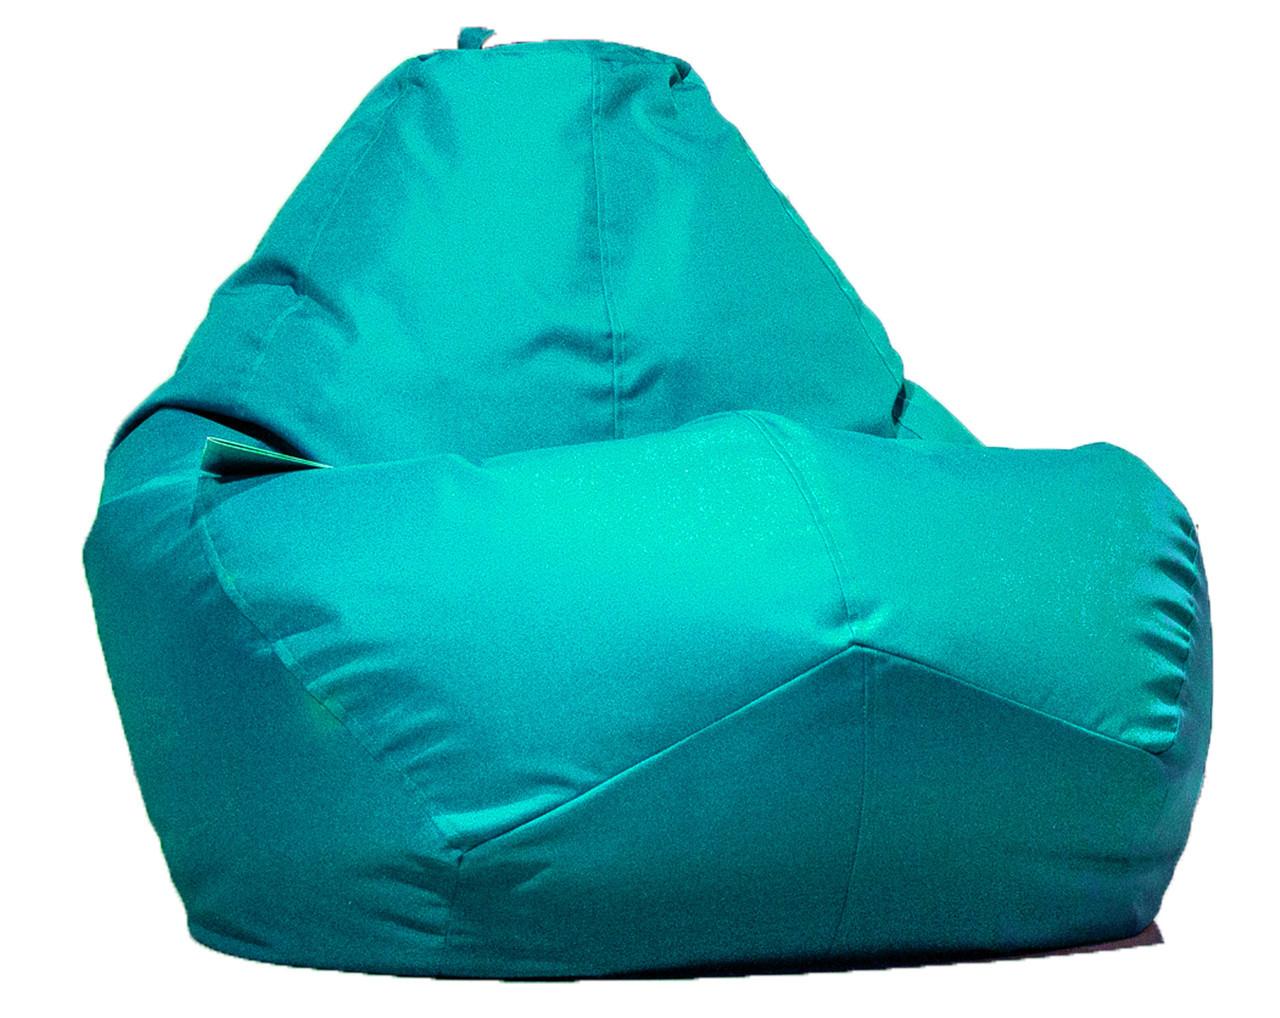 Огромное овальное кресло-мешок, груша Оксфорд 300 D 100*140 см. С дополнительным чехлом